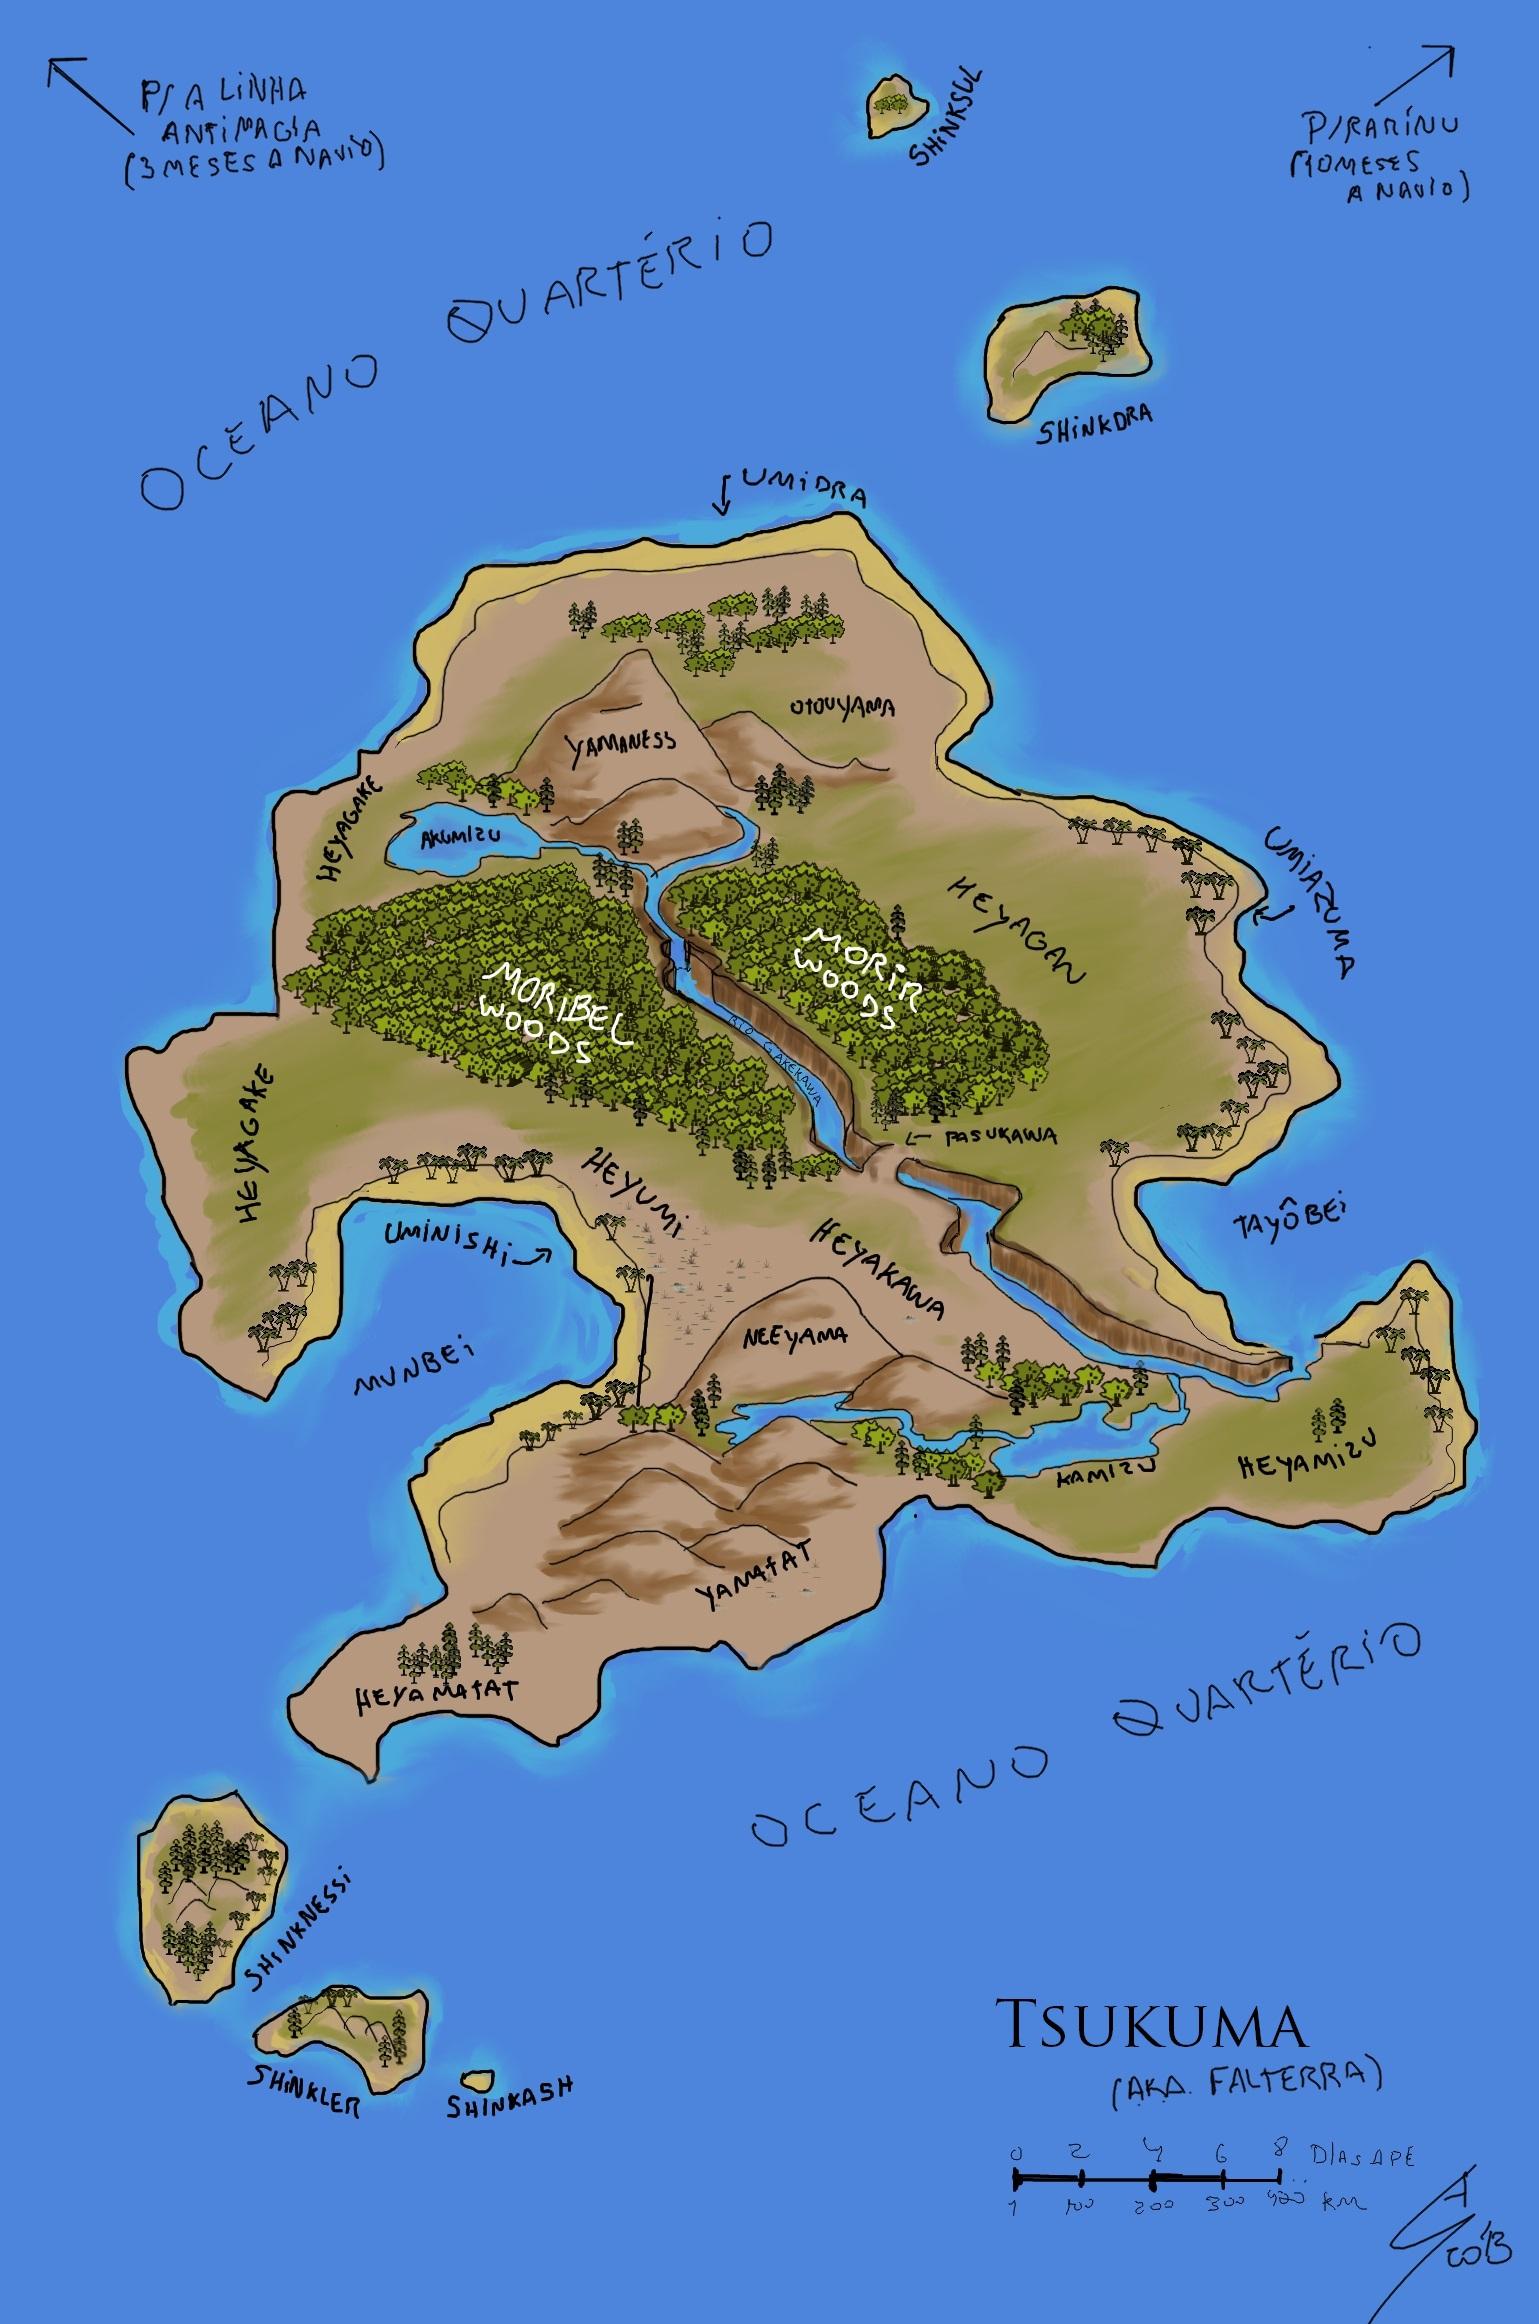 tsukuma__falterra_map_by_anerolsevla-d6x2z8d.jpg